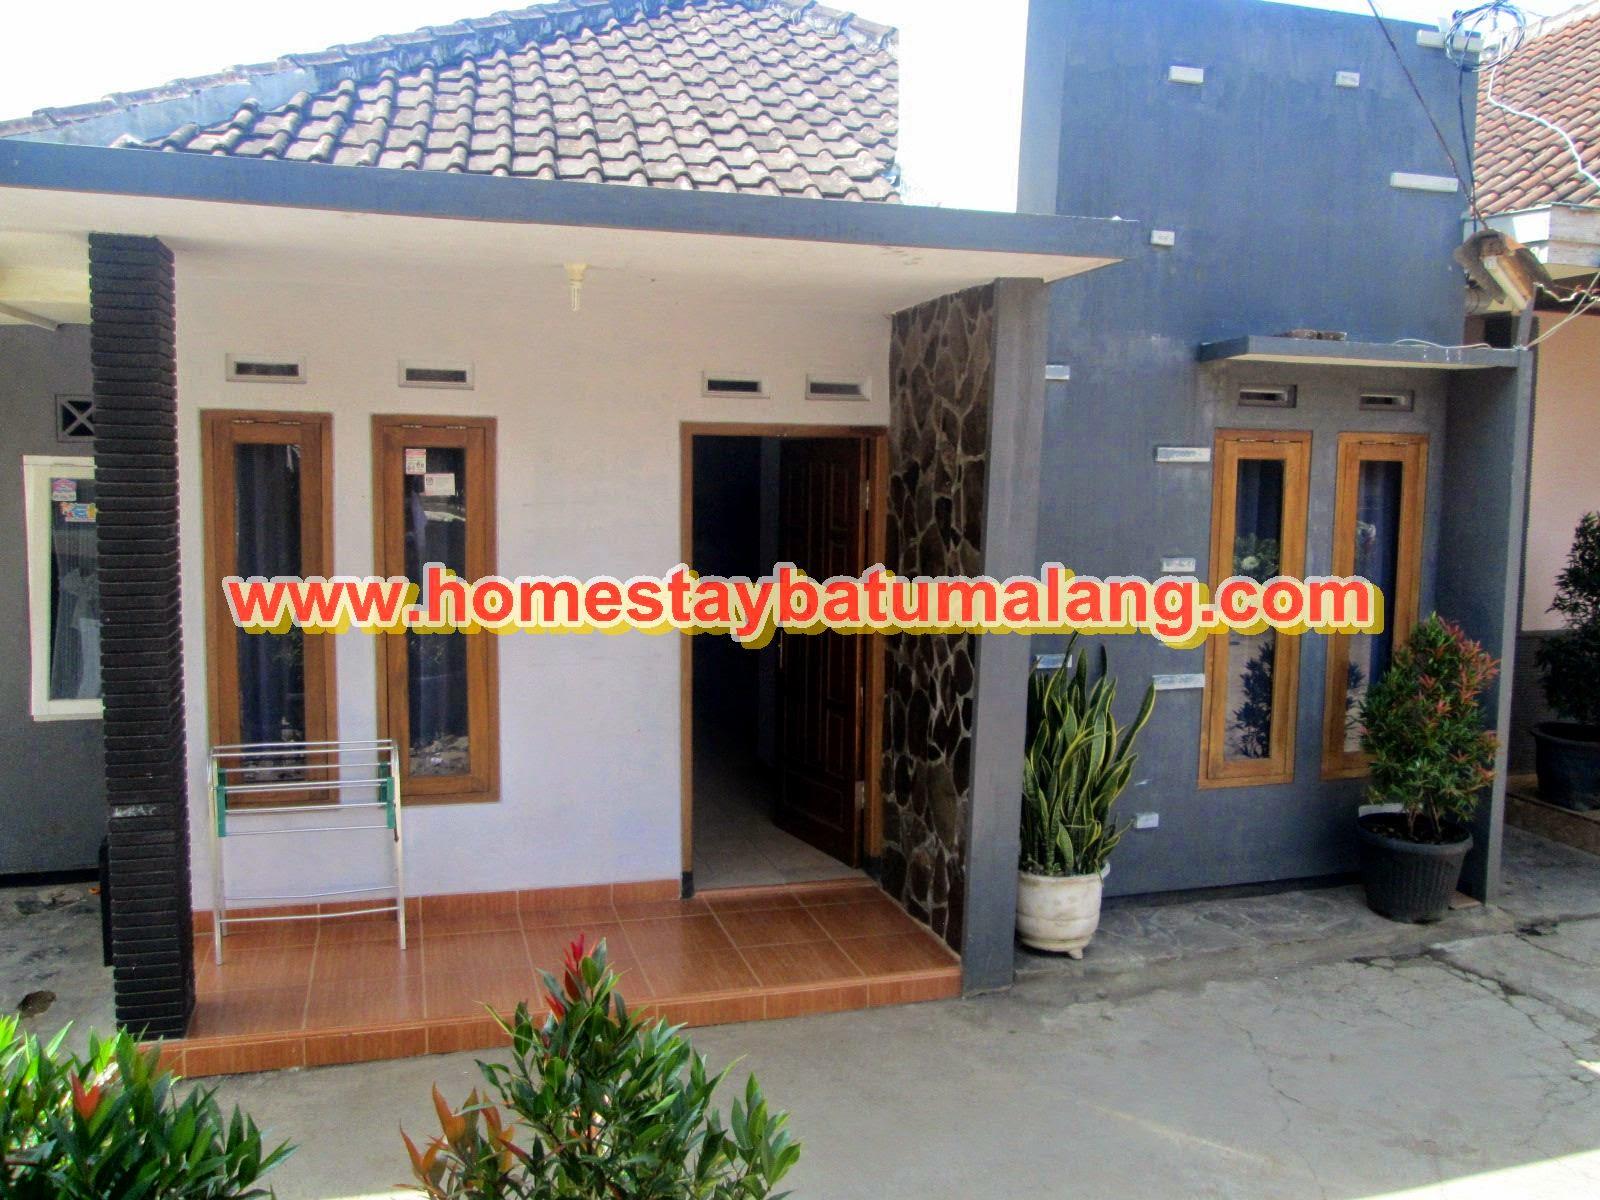 Ratna Homestay Adalah Salah Satu Villa Murah Di Kota Wisata Batu Malang Yang Terletak Dekat Night Spectacular BNS Dan Museum Satwa Serta Hanya